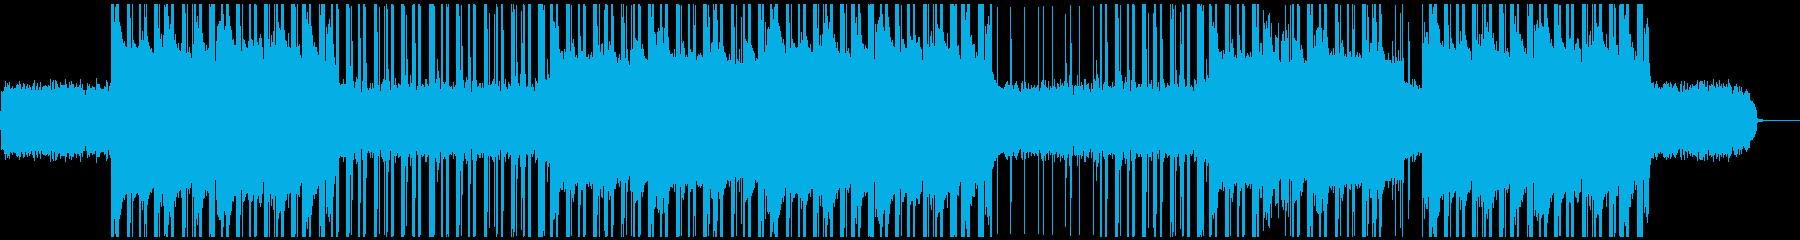 透き通るようなHiphopサウンドですの再生済みの波形